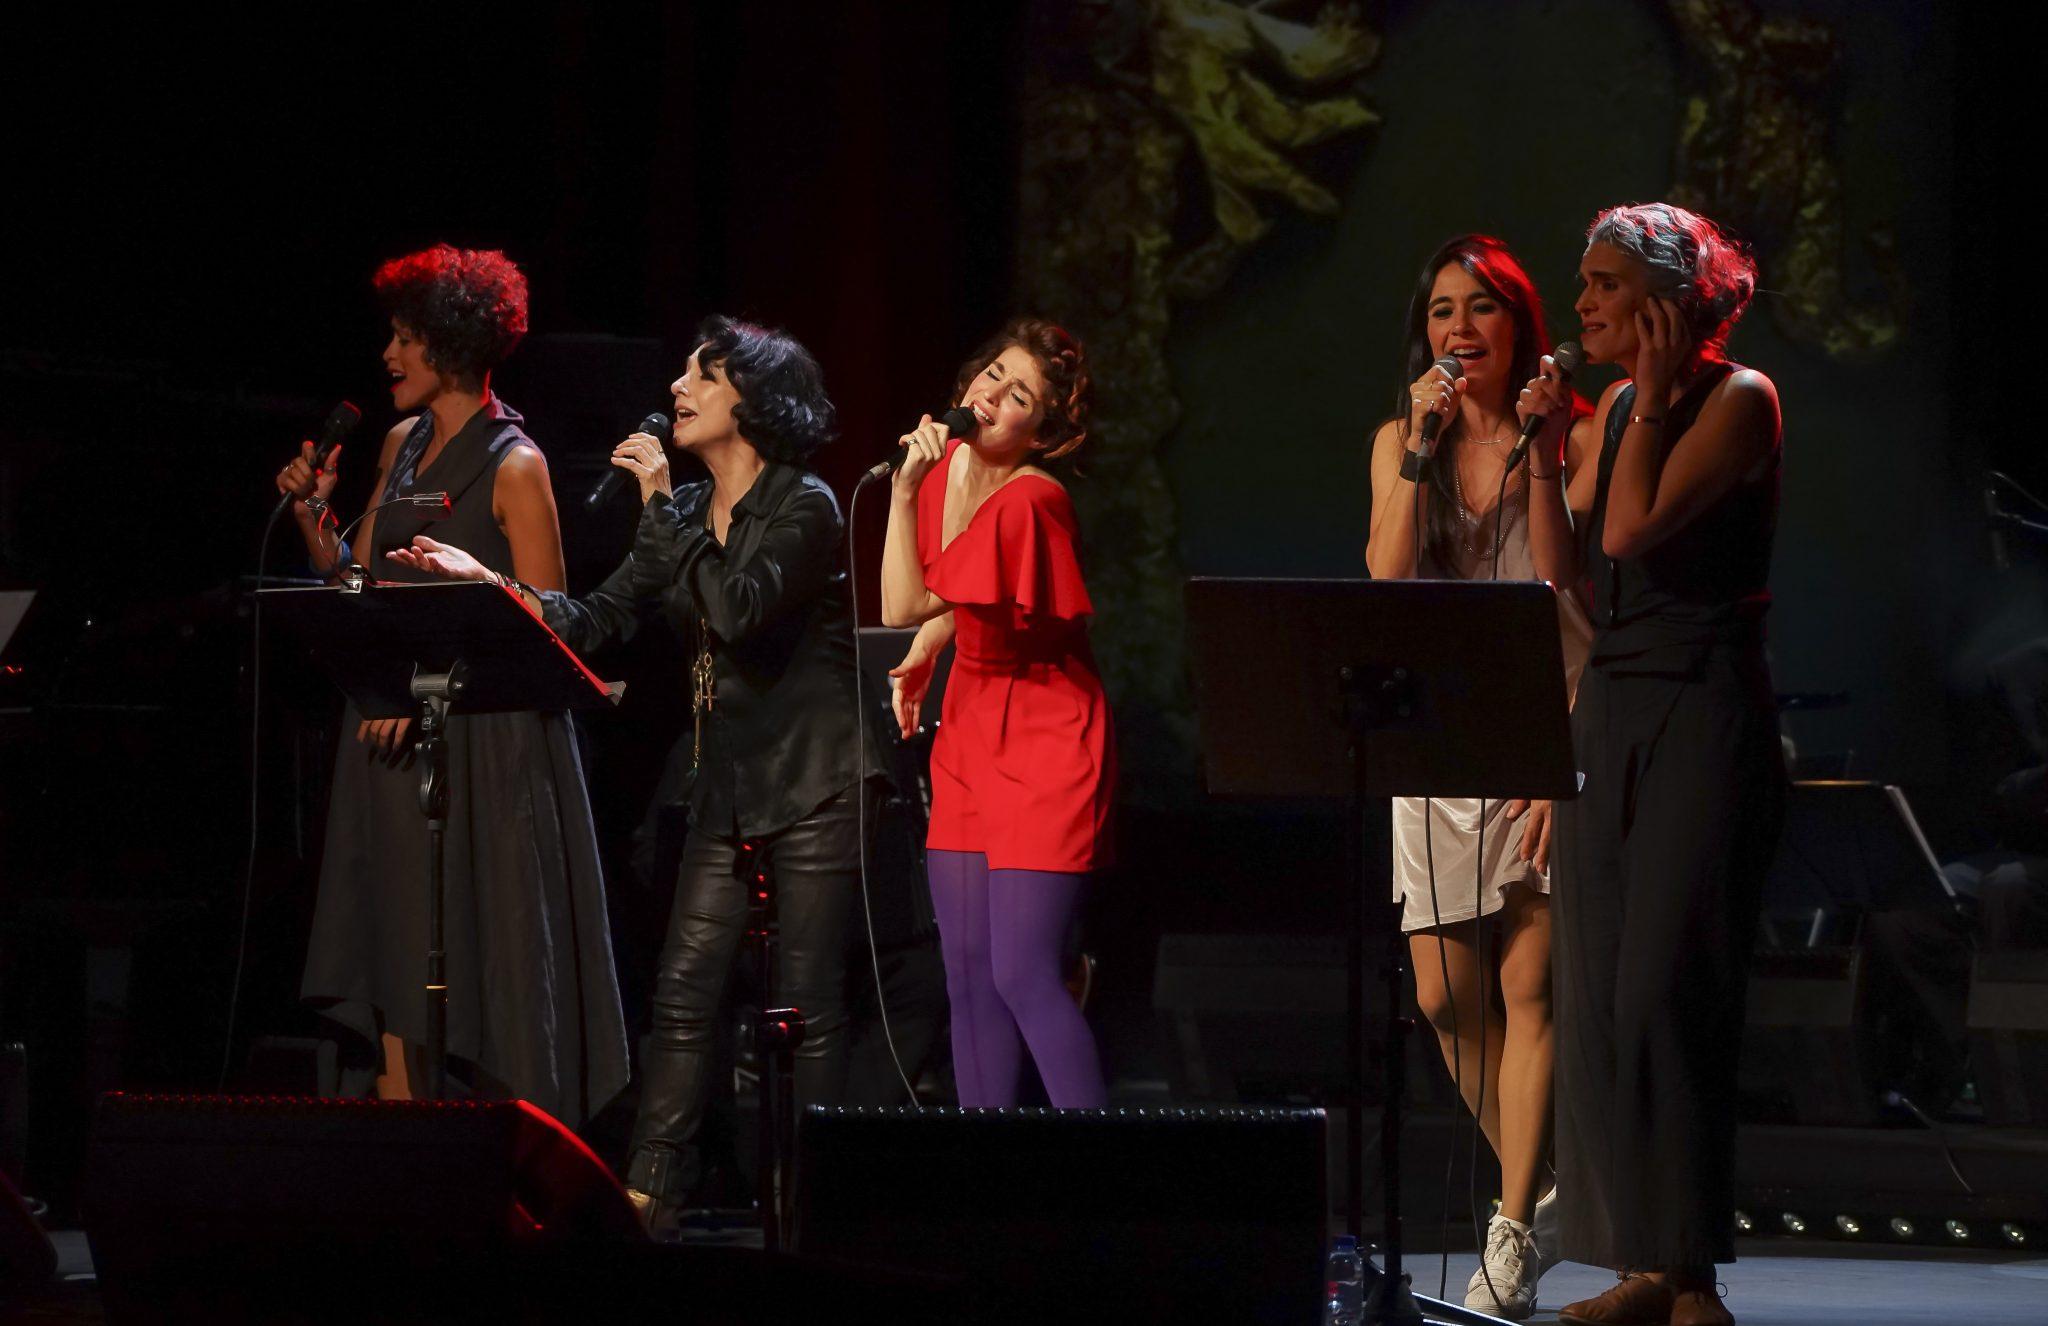 Aline Frazão, Mísia, Rita Redshoes, Mitó e Lula Pena em palco